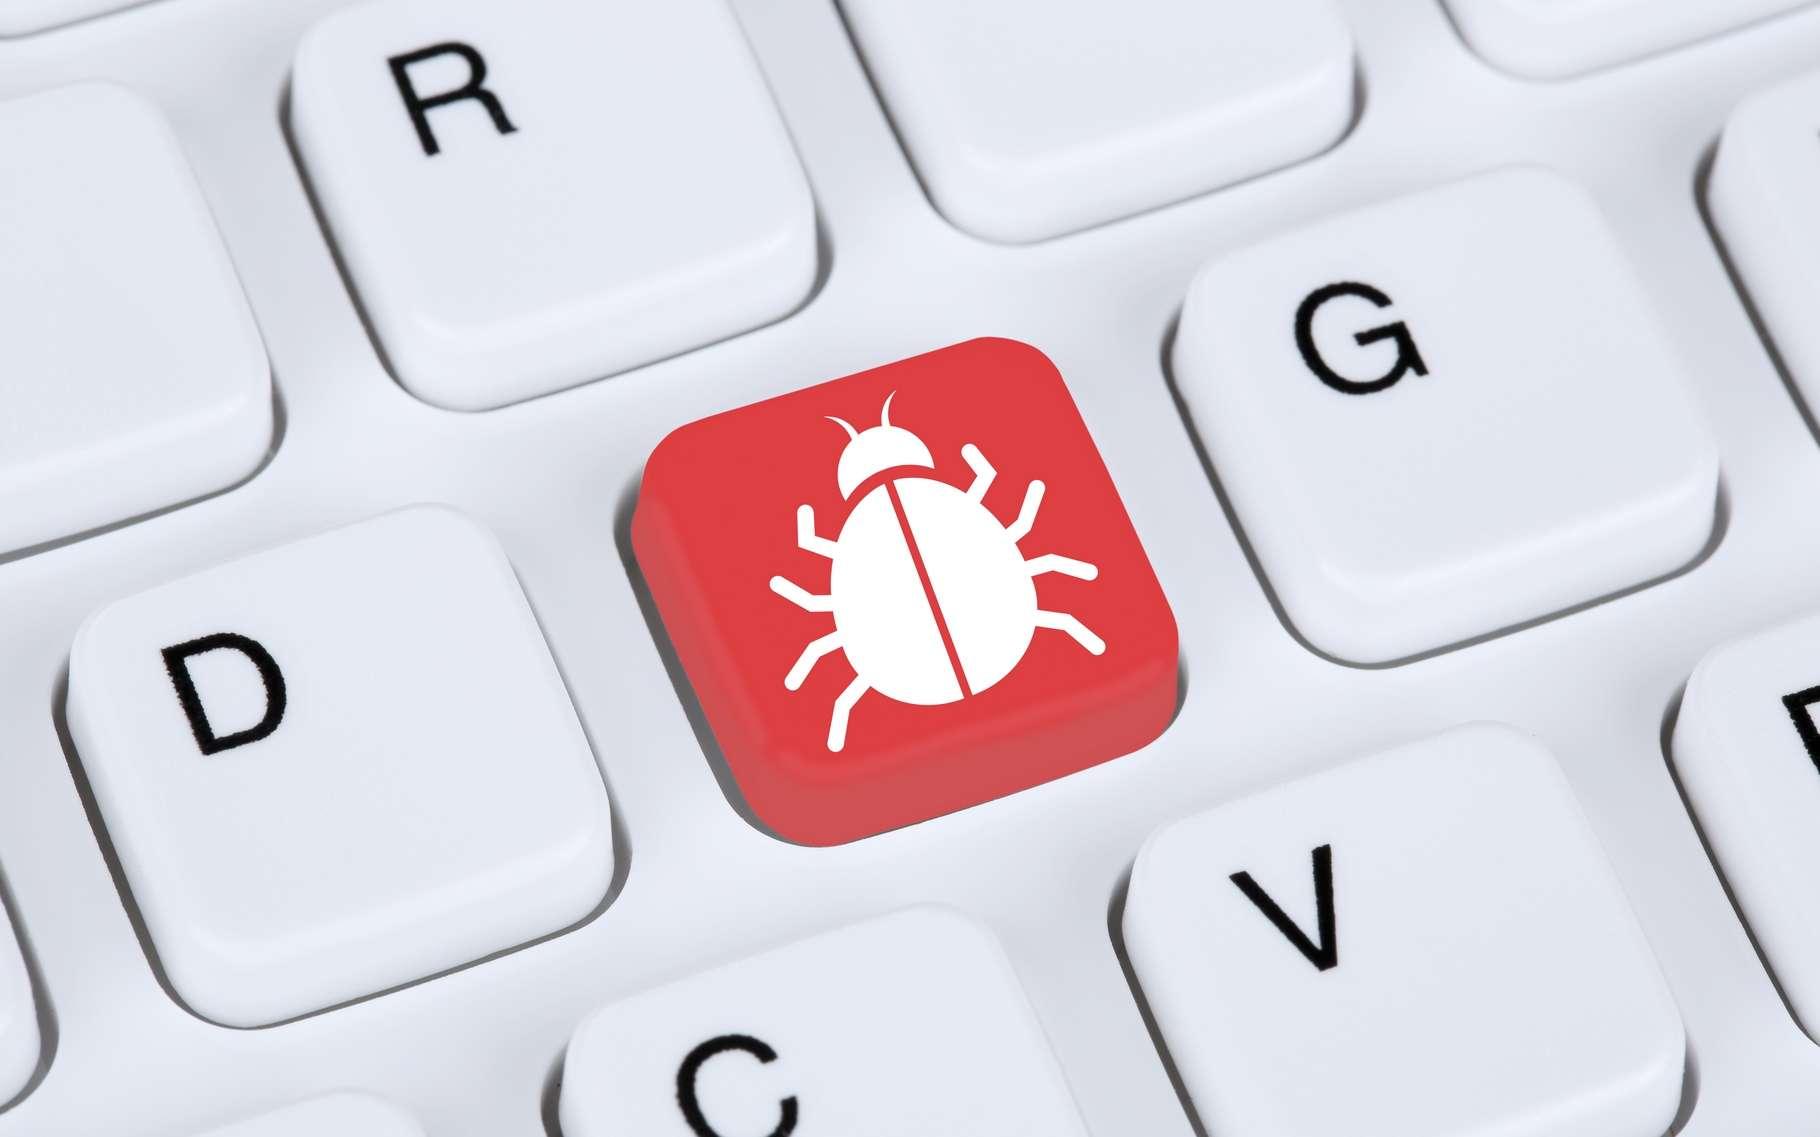 Le macrovirus ne diffère d'un virus que par le type de langage de programmation qu'il exploite. Il s'agit de celui utilisé par les macrocommandes des logiciels de bureautique. © Markus Mainka, Shutterstock